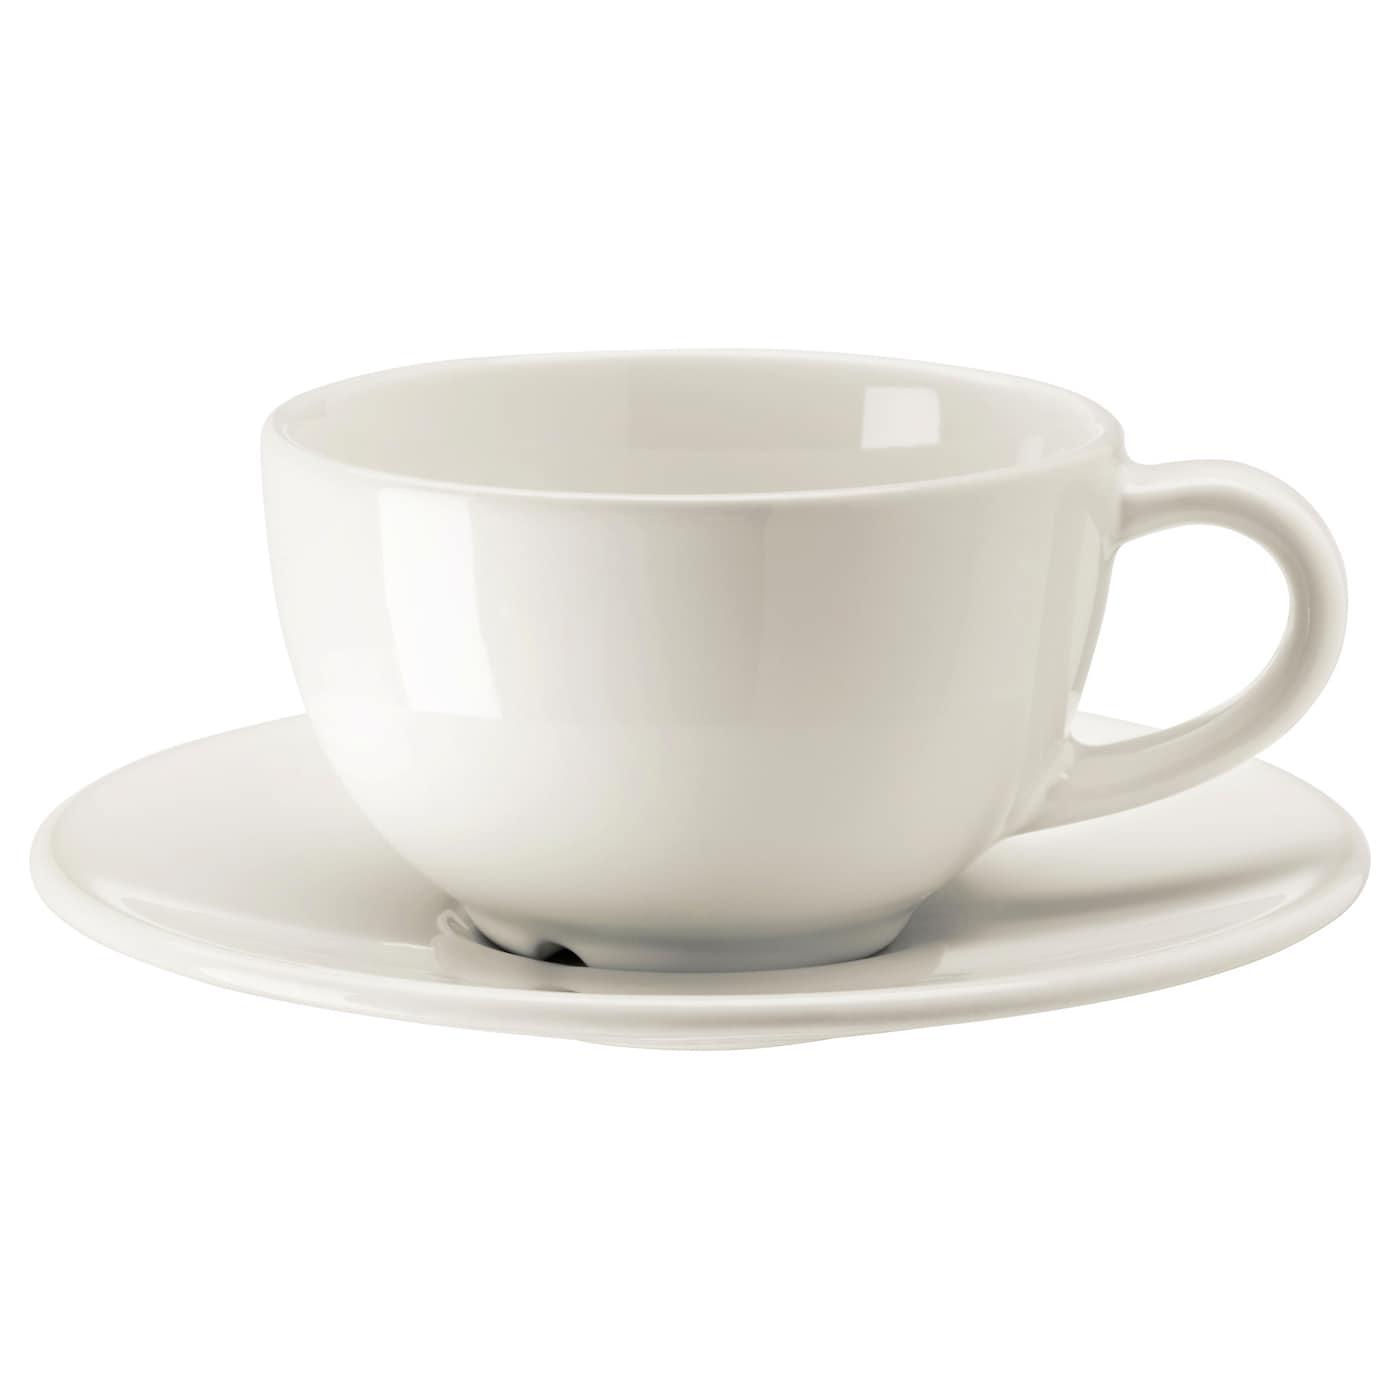 vardagen tasse caf et soucoupe blanc cass 14 cl ikea. Black Bedroom Furniture Sets. Home Design Ideas